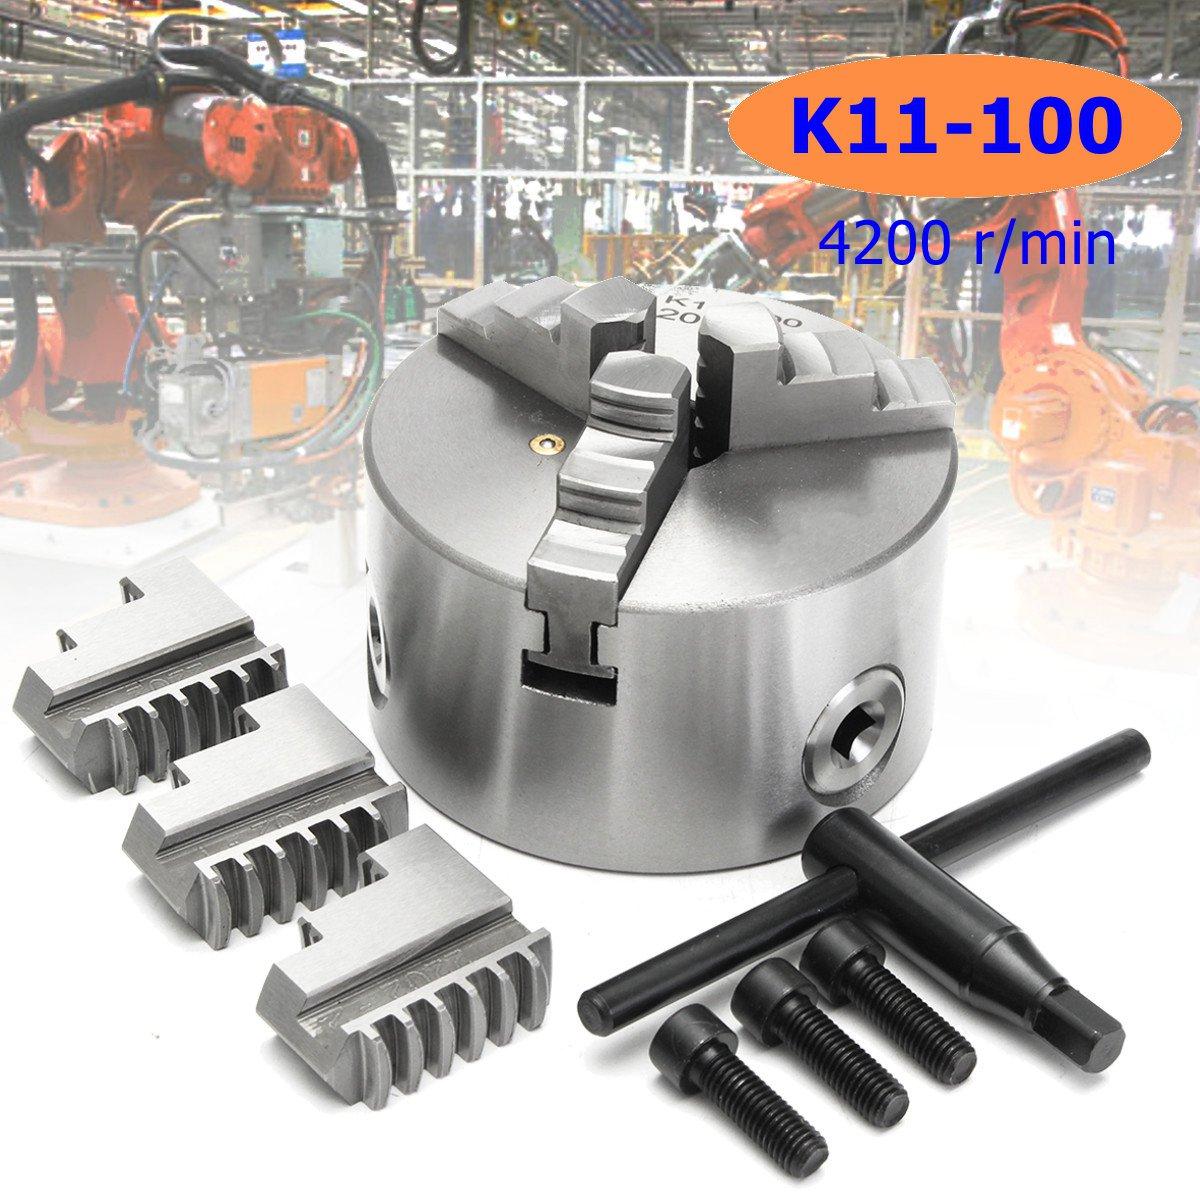 K11-100 3-maxila 4200 r/min aço temperado torno mandril auto-centralização segurança mandril chave maxilas para cnc máquina de trituração de perfuração